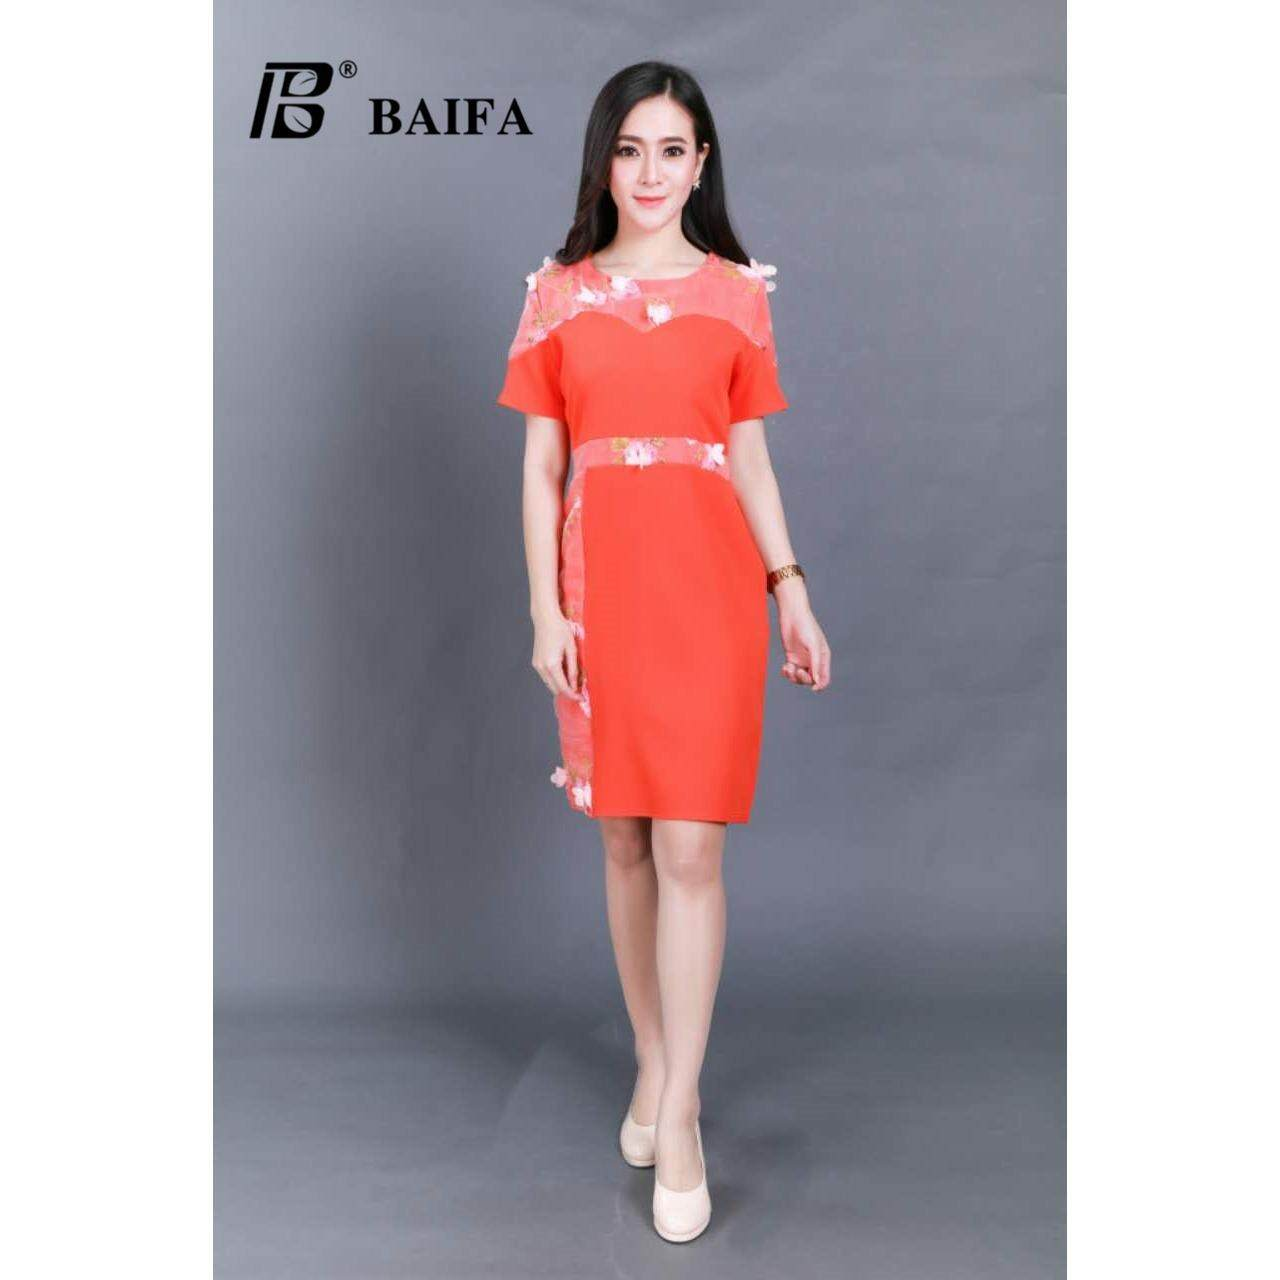 ขาย Baifa Shop ชุดเดรสดำเอวระบาย ลูกไม้ผ้าเนื้อดี ไม่ต้องรีด ทรงสวยหรู รุ่น3302 Size อก 34 38 ยาว 36 Baifa